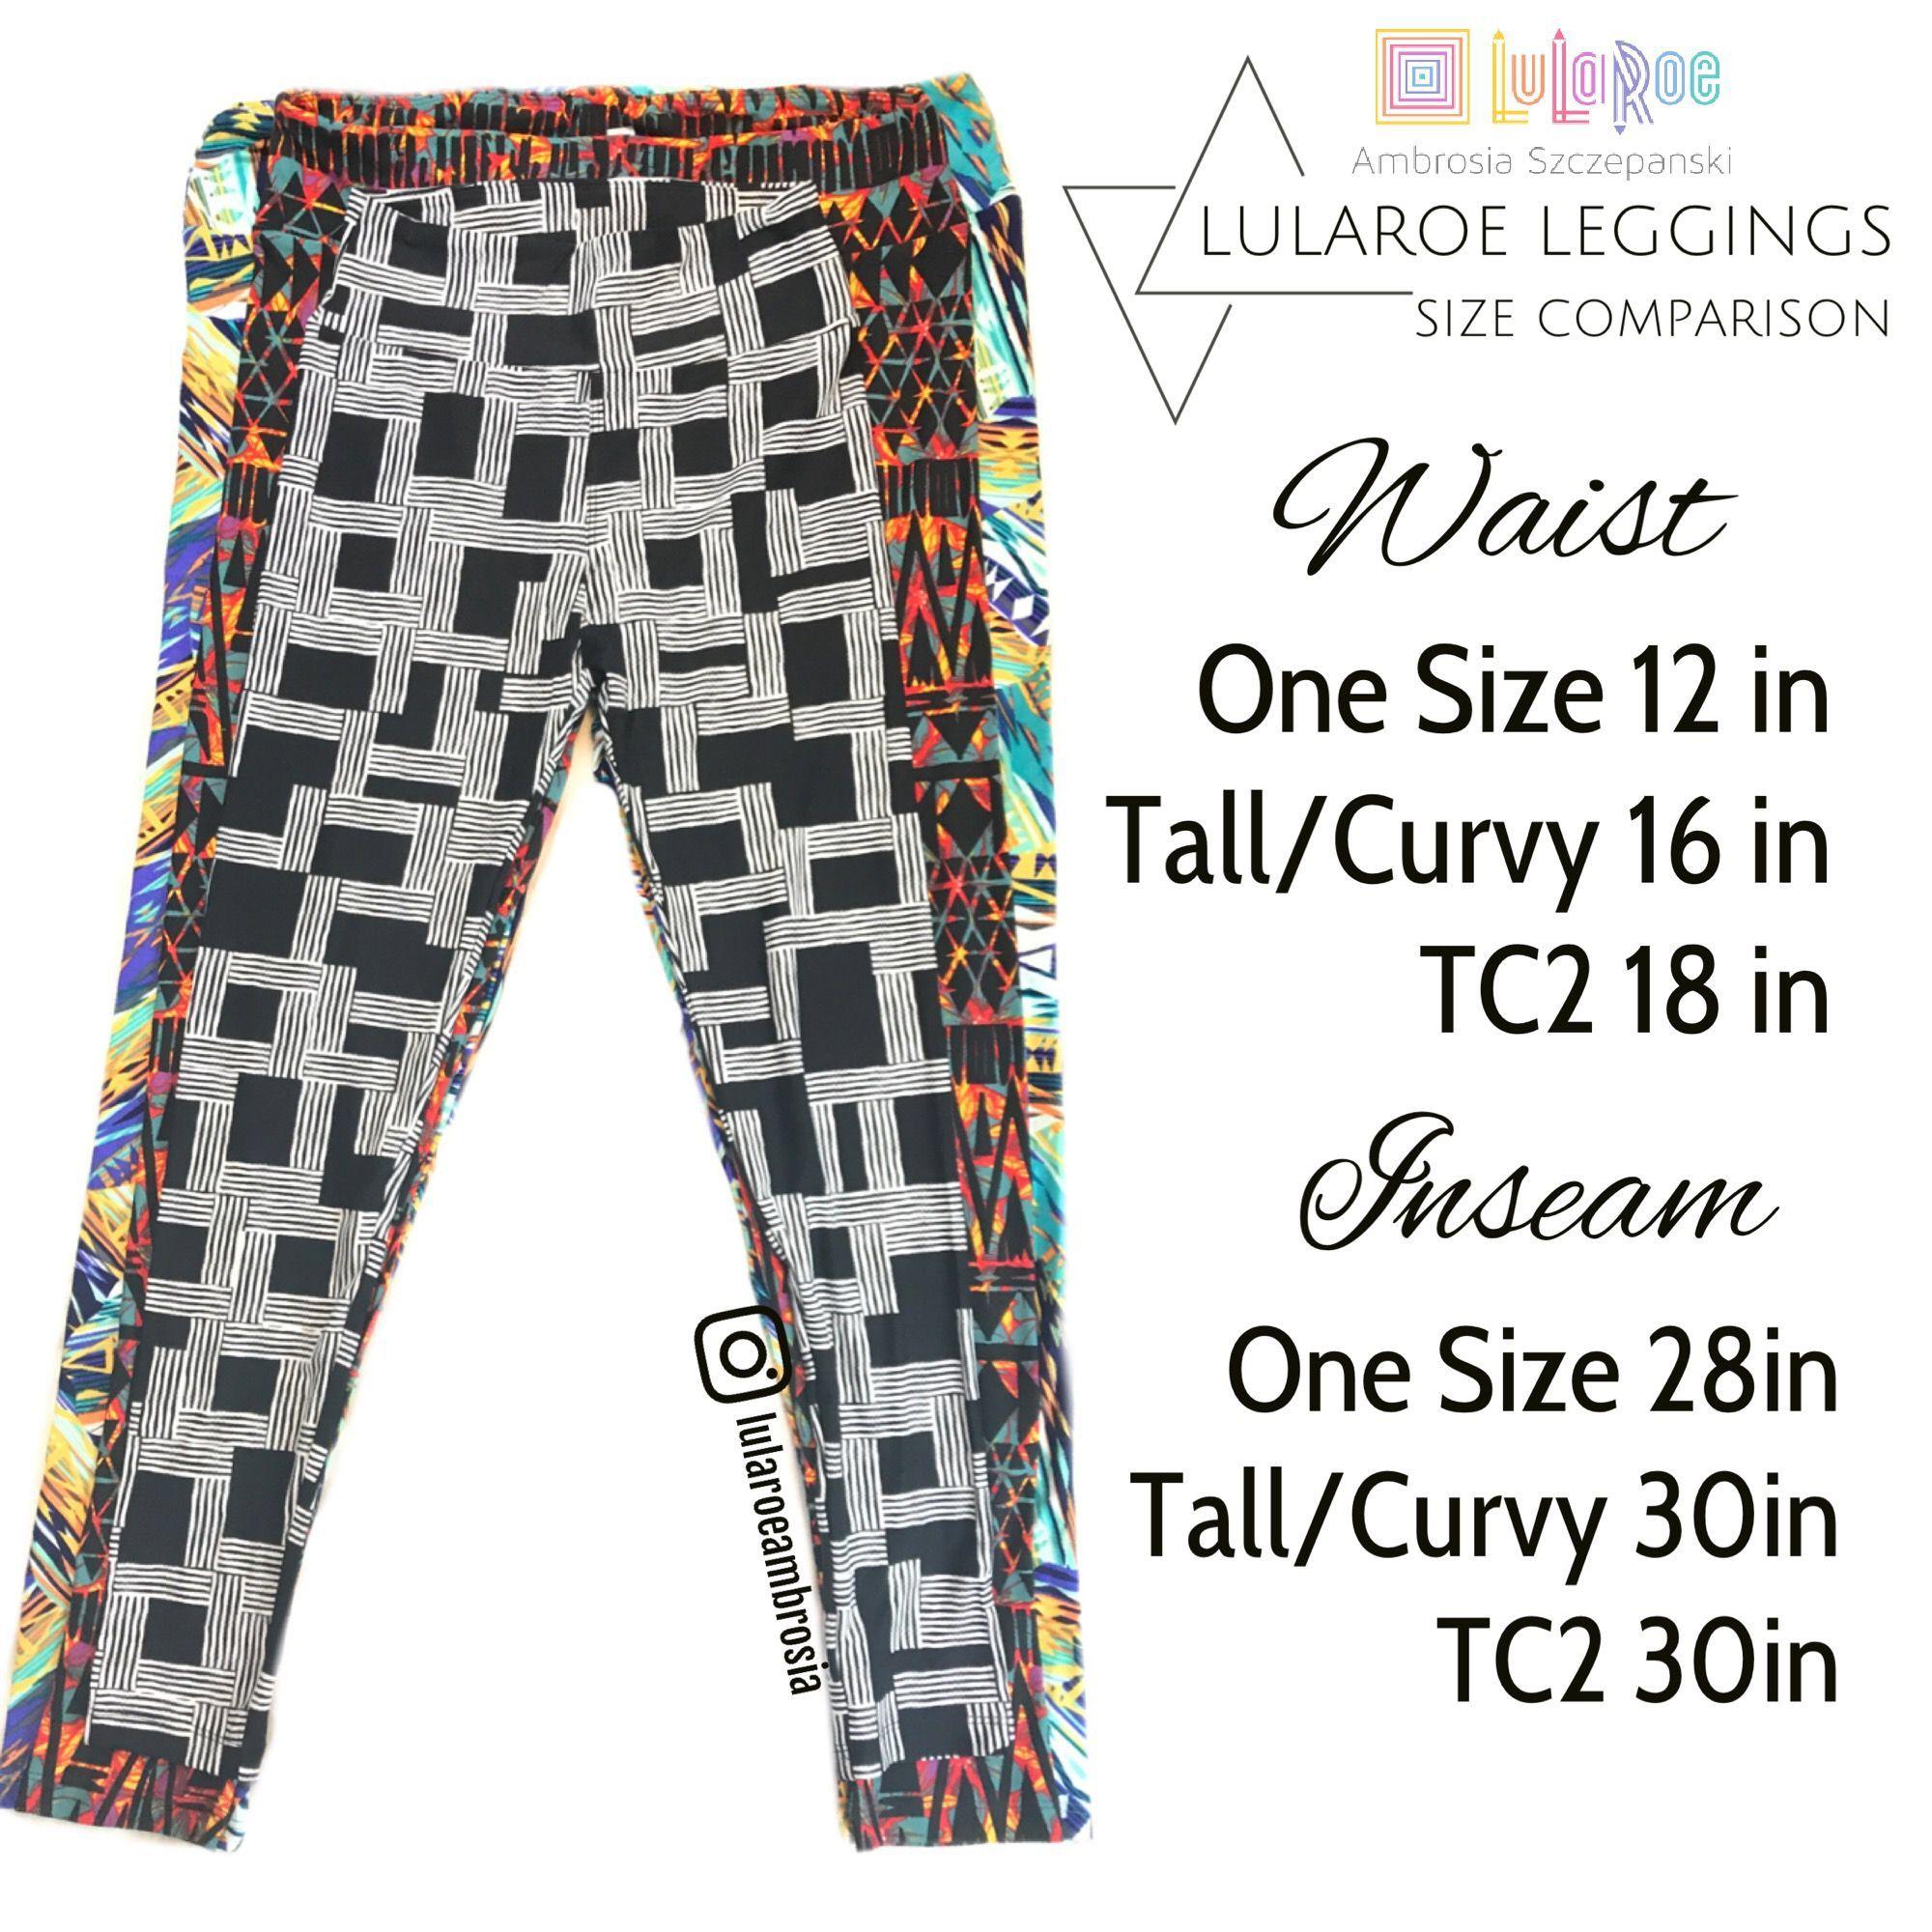 9ea7c0f7dee96e LuLaRoe Leggings Sizing Comparison- One Size, Tall/Curvy, and TC2 ...